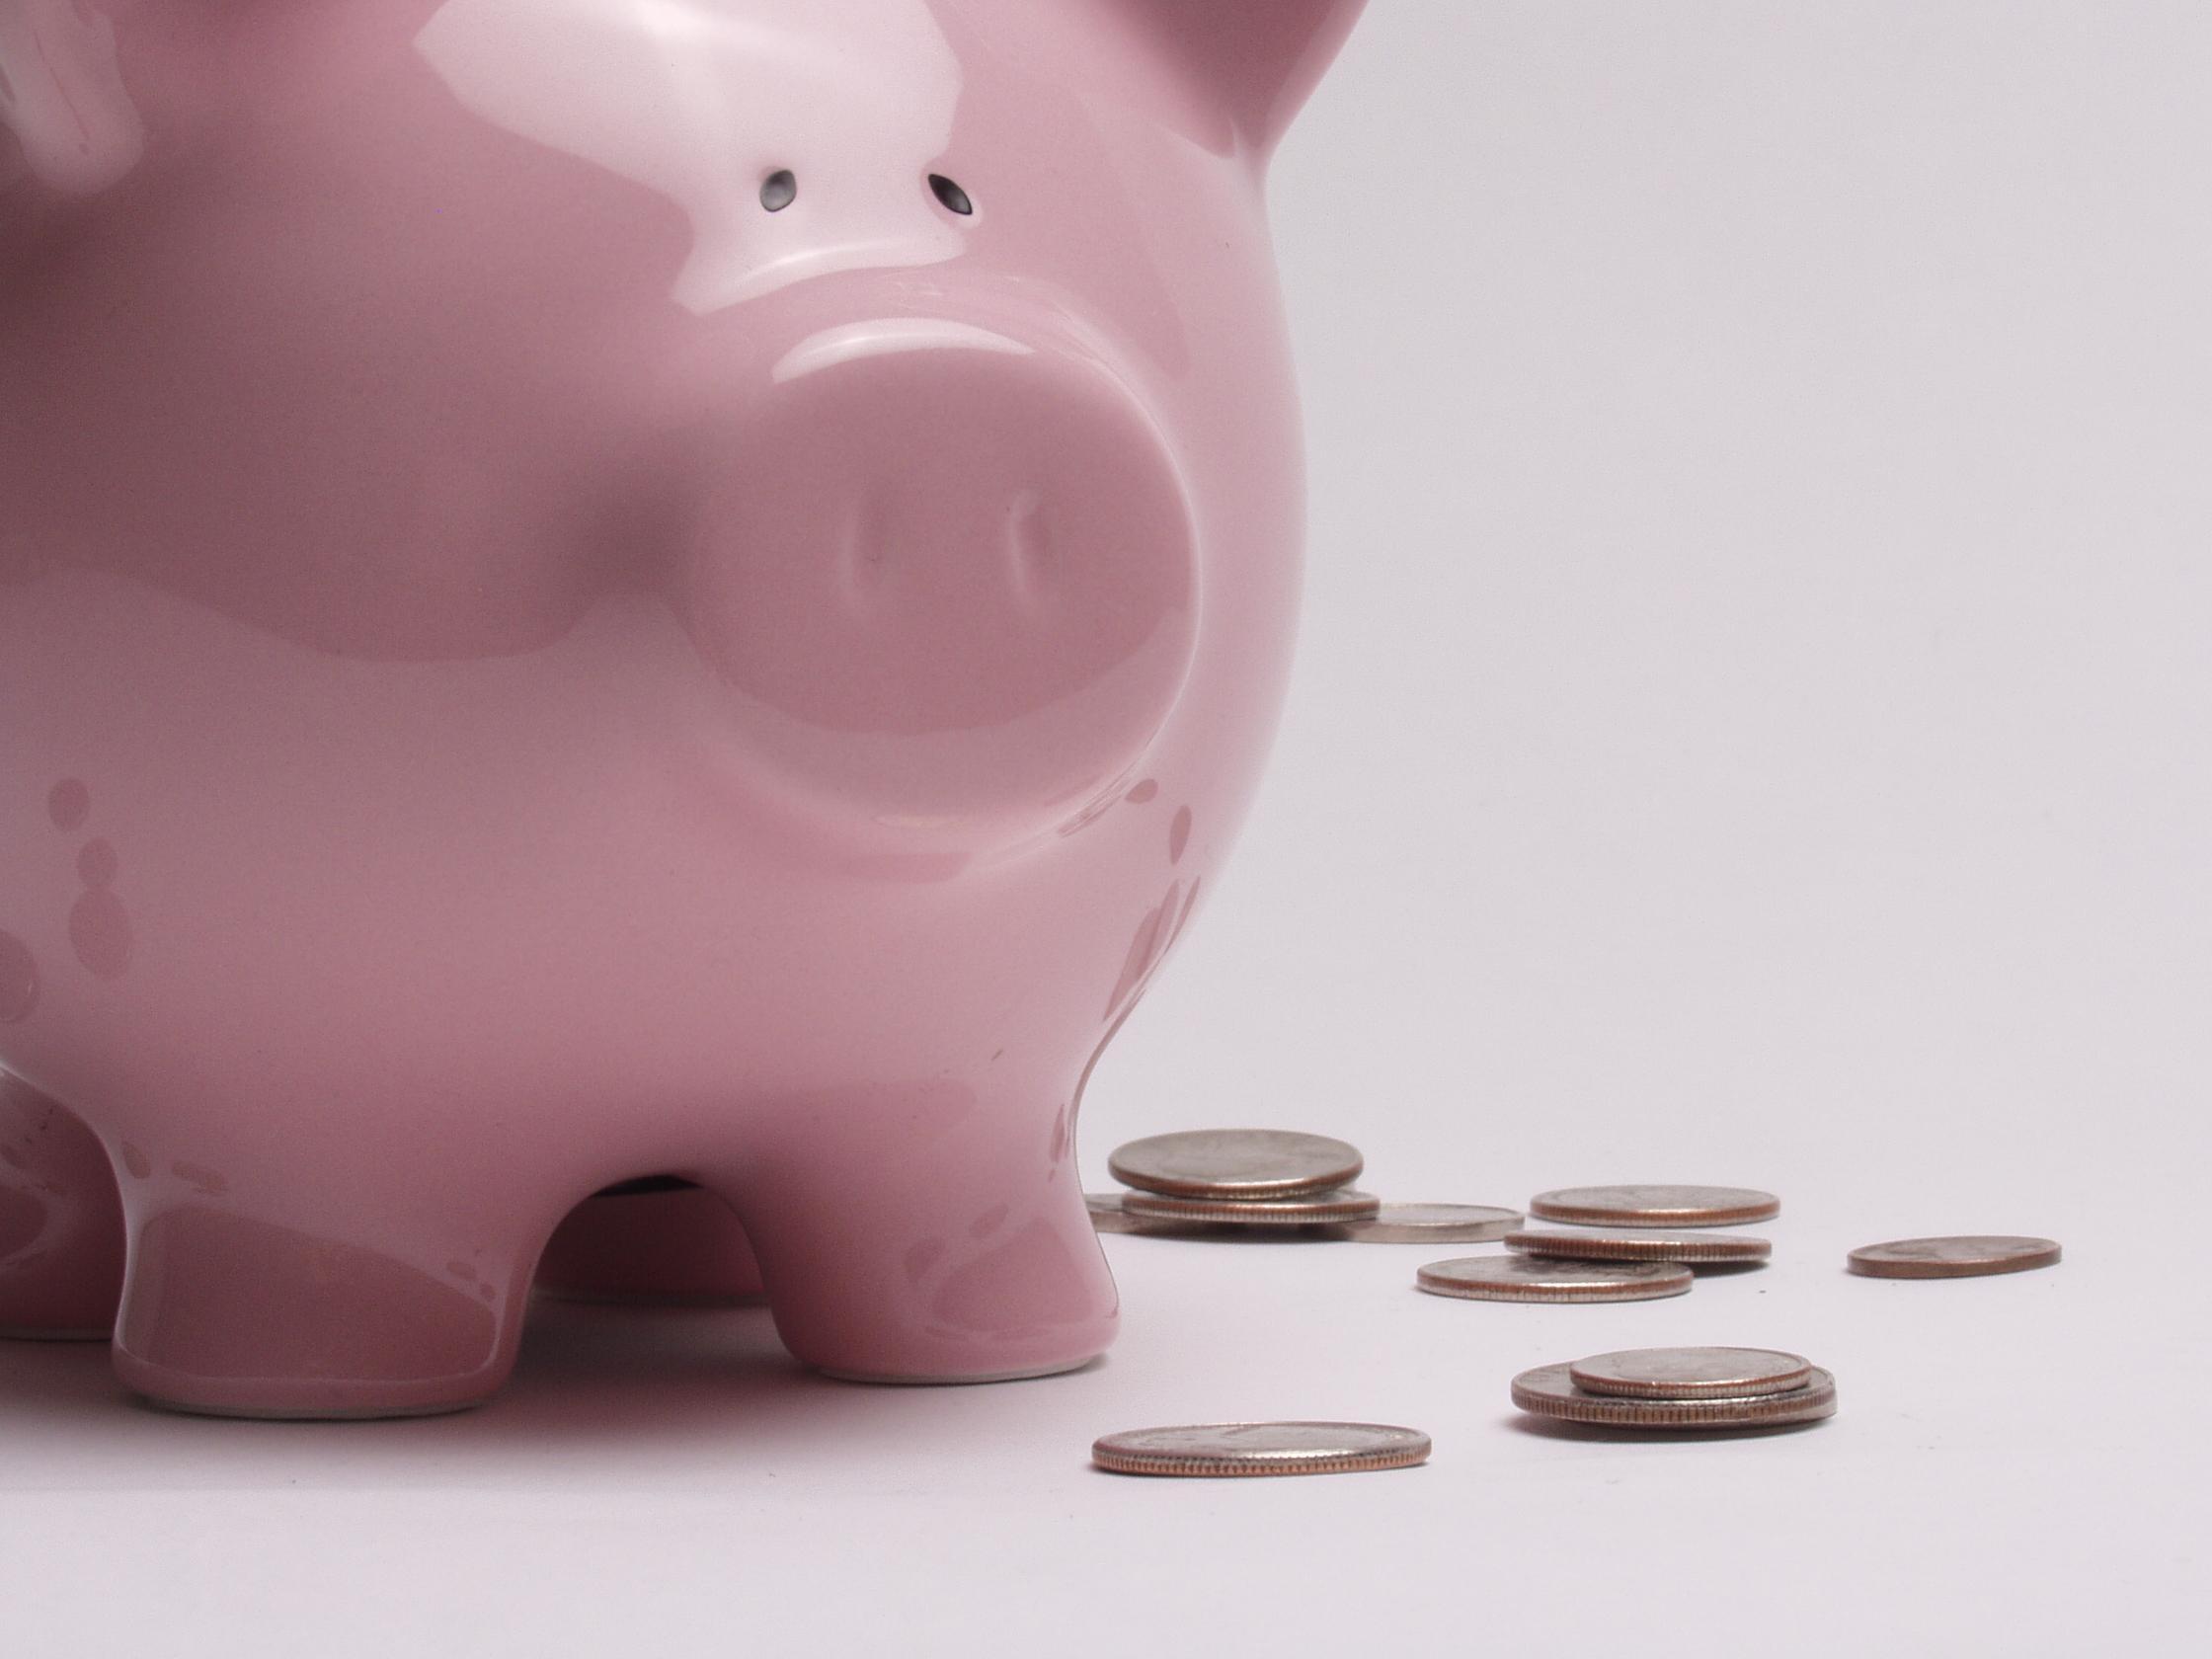 Financing adoption